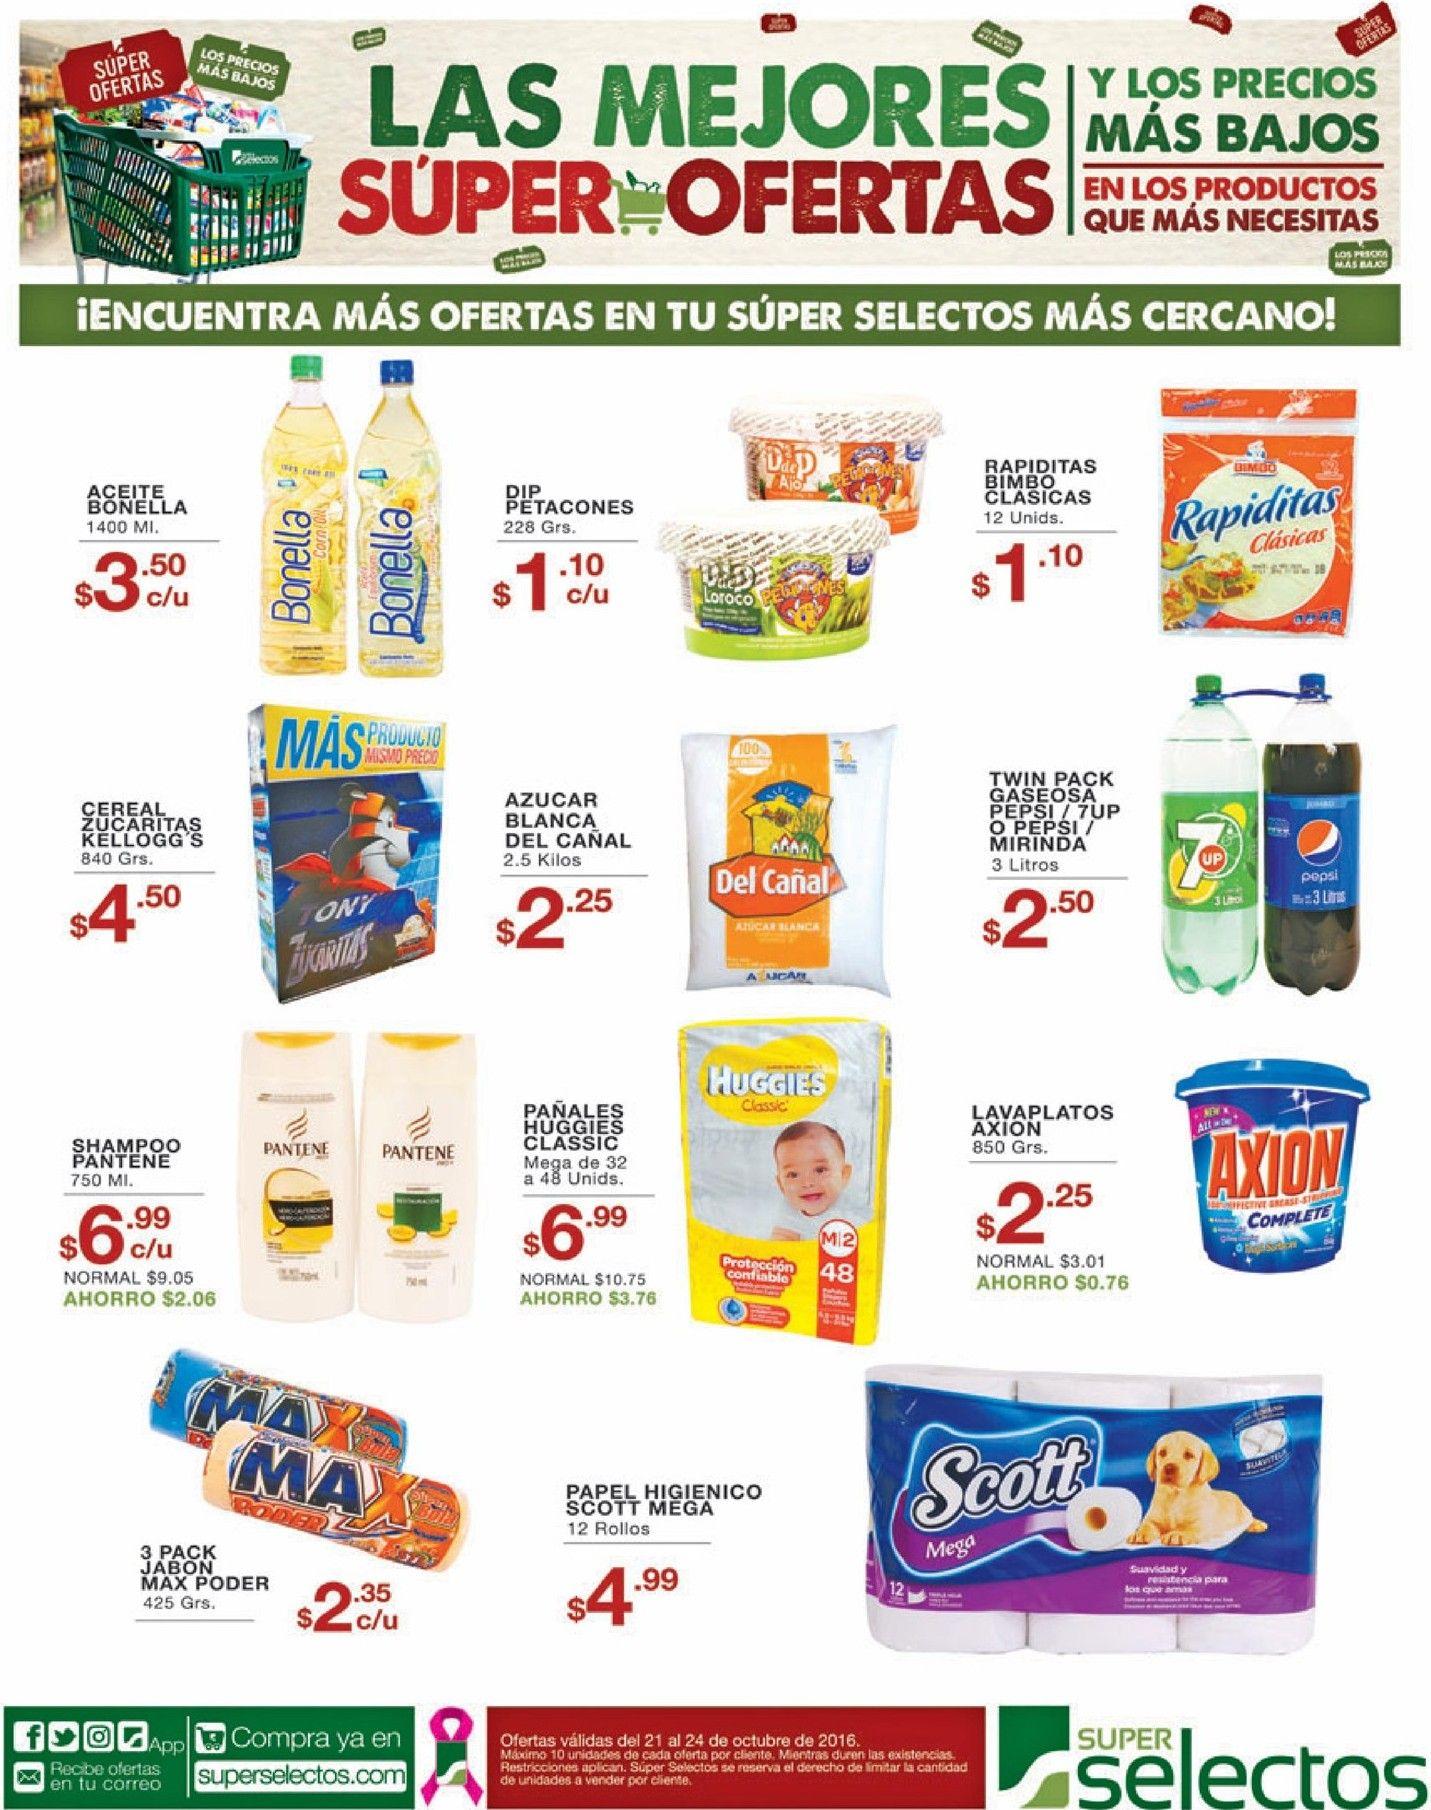 las-mejores-super-ofertas-de-hoy-viernes-21oct16